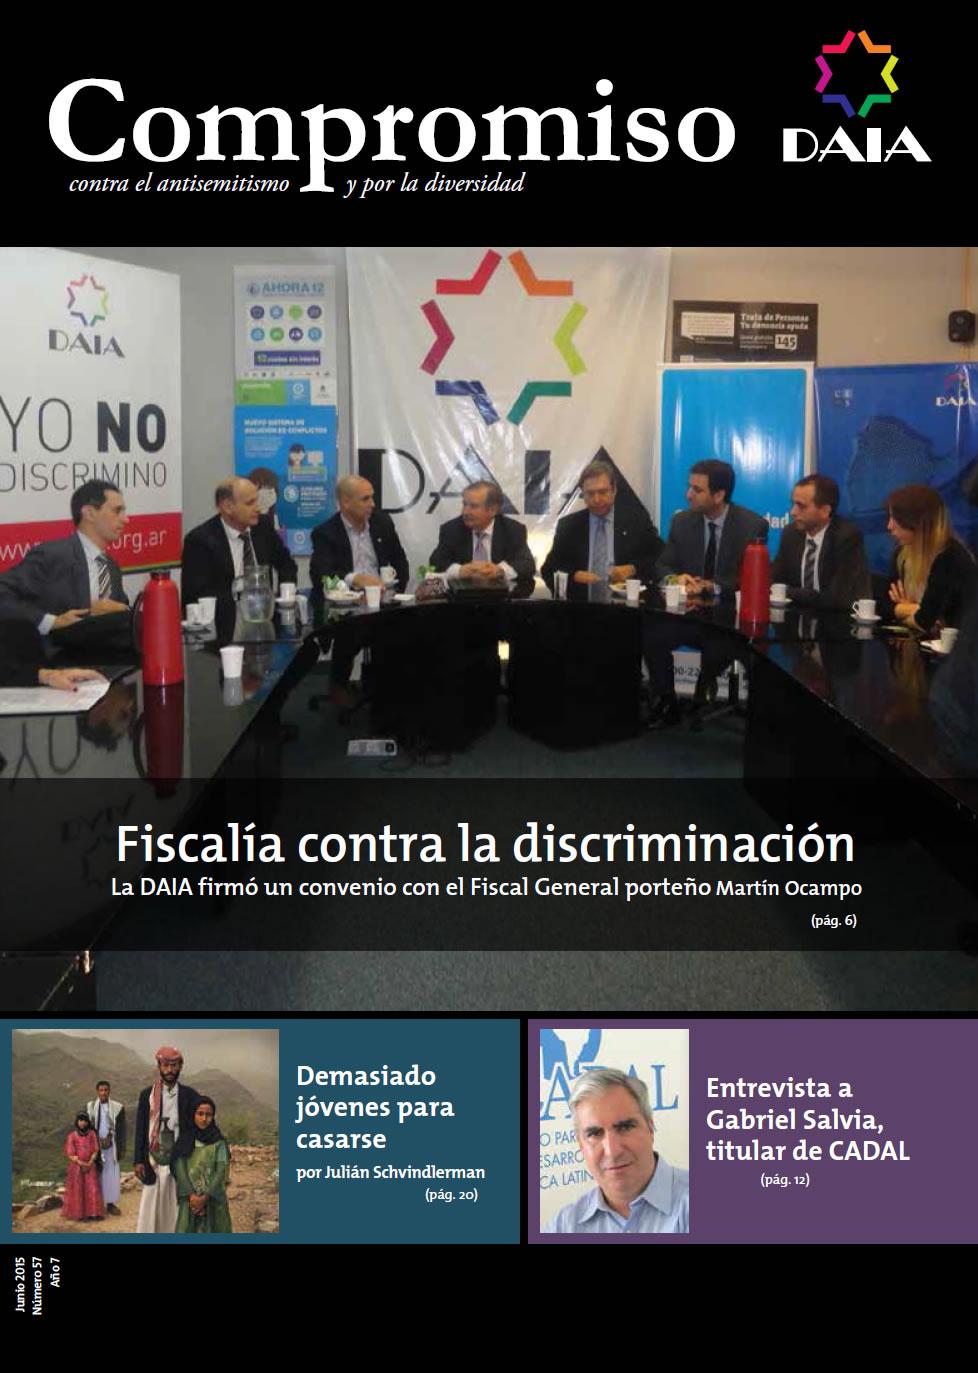 Las elecciones presidenciales en la Argentina y su impacto en la región